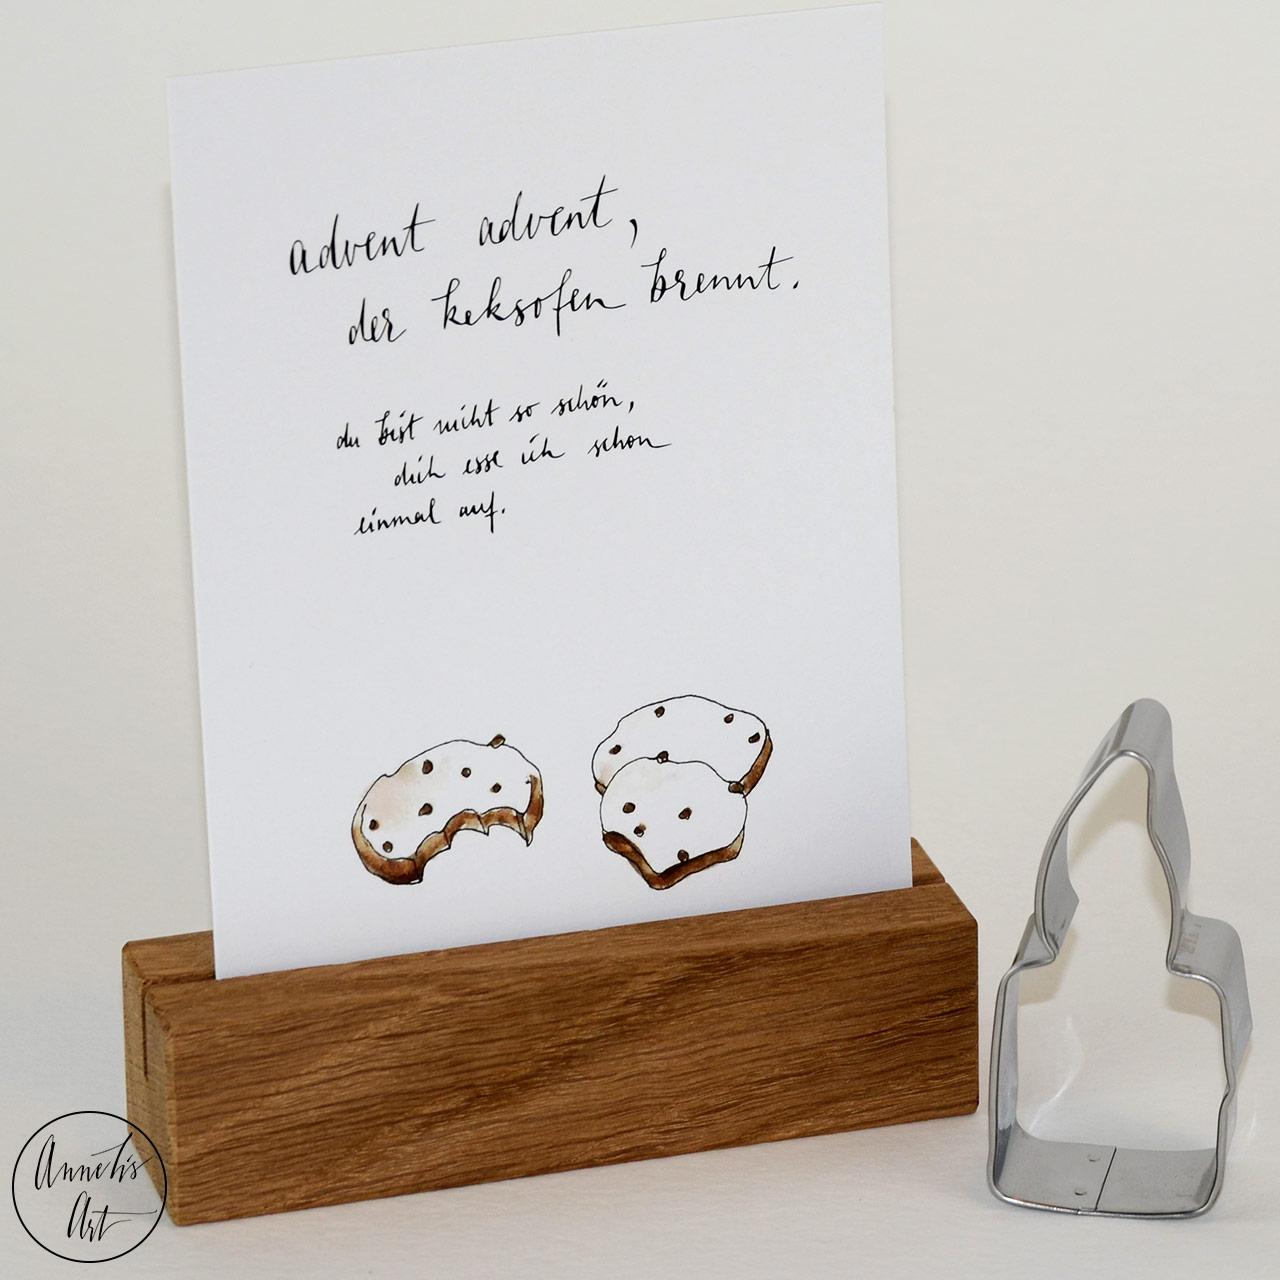 Postkarte | Weihnachtskarte | Advent Advent der Keksofen brennt